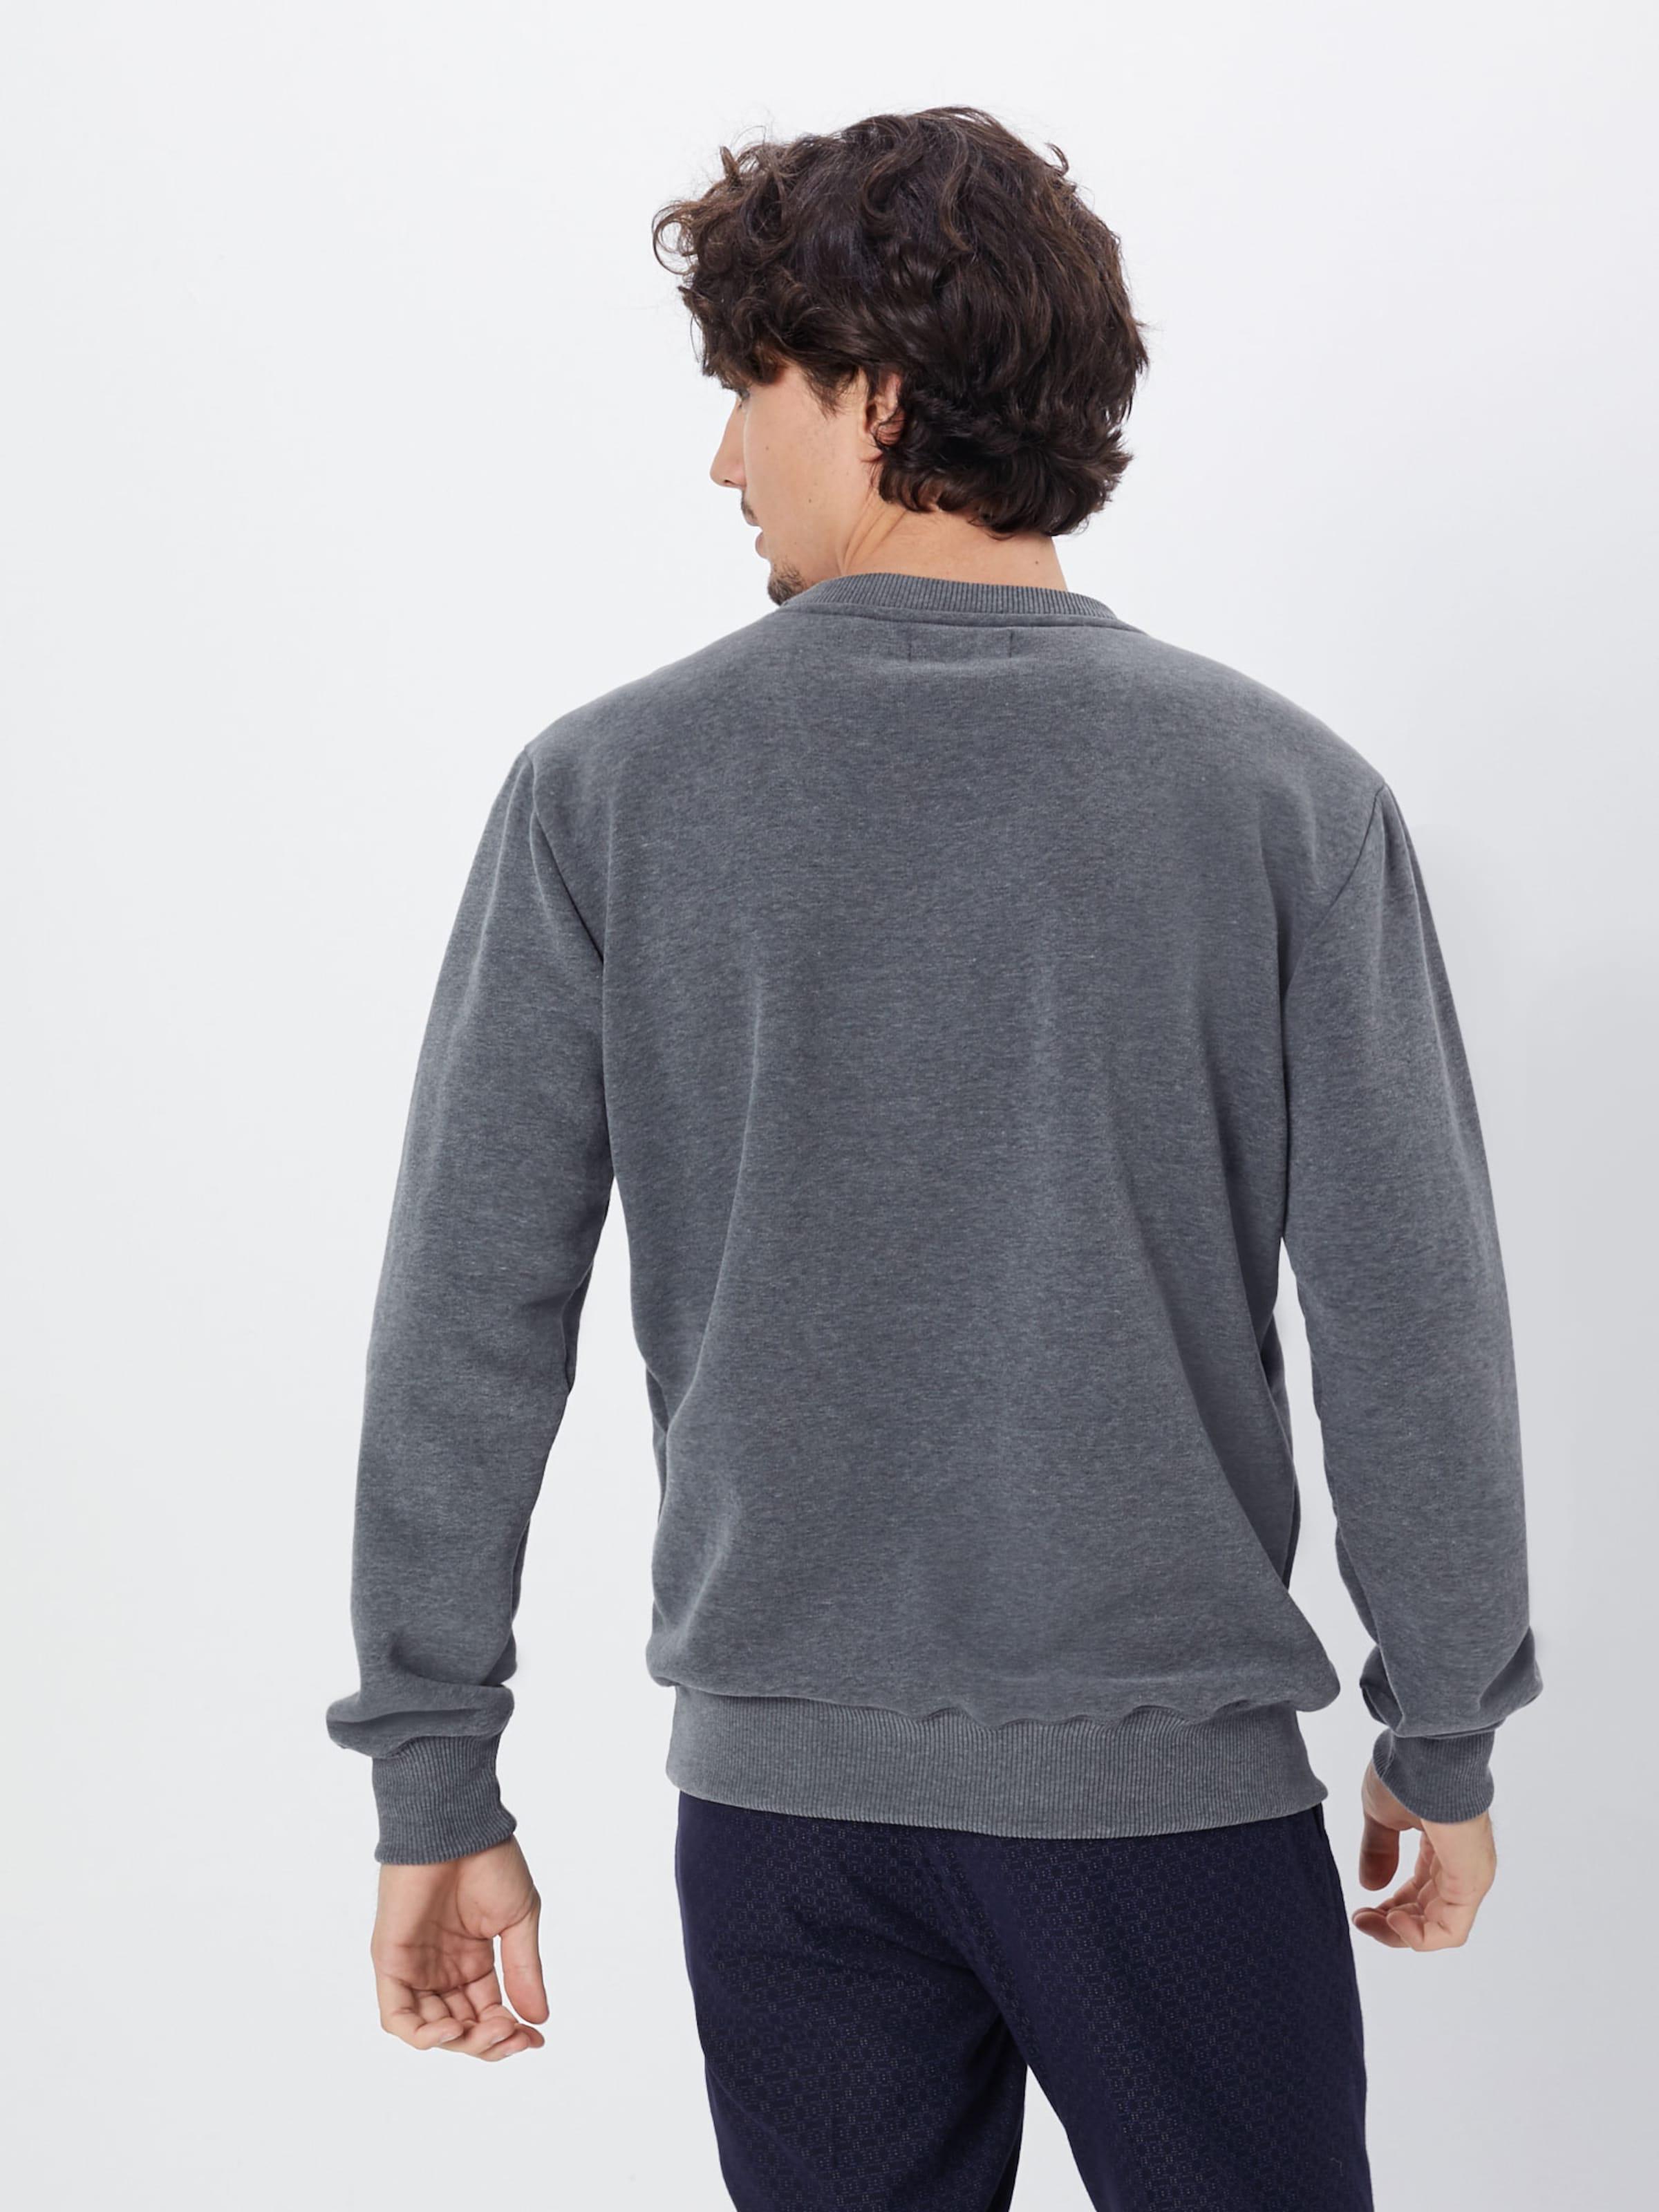 Sweat' In Sweatshirts 'fuck Derbe GrauSchwarz Nn0ywOPvm8